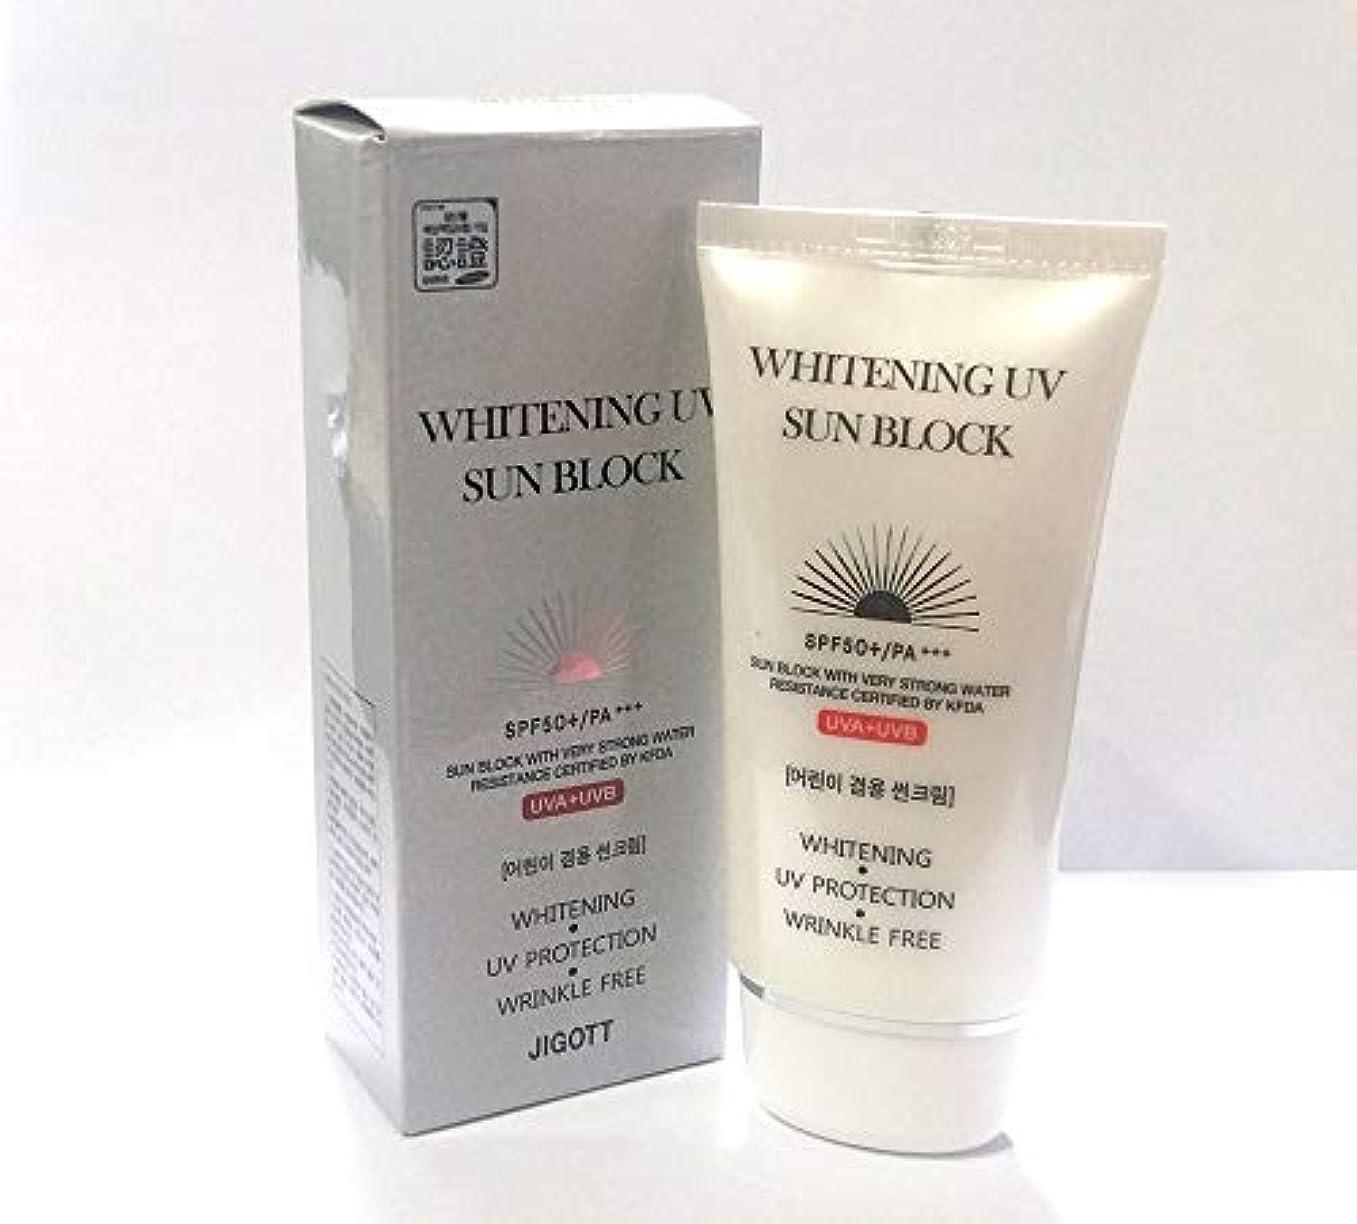 ダブル後ろ、背後、背面(部オピエート[JIGOTT] ホワイトニングUVプロテクトサンブロッククリームSPF50 + PA +++ / Whitening UV Protection Sun Block Cream SPF50+ PA +++ / 韓国化粧品...